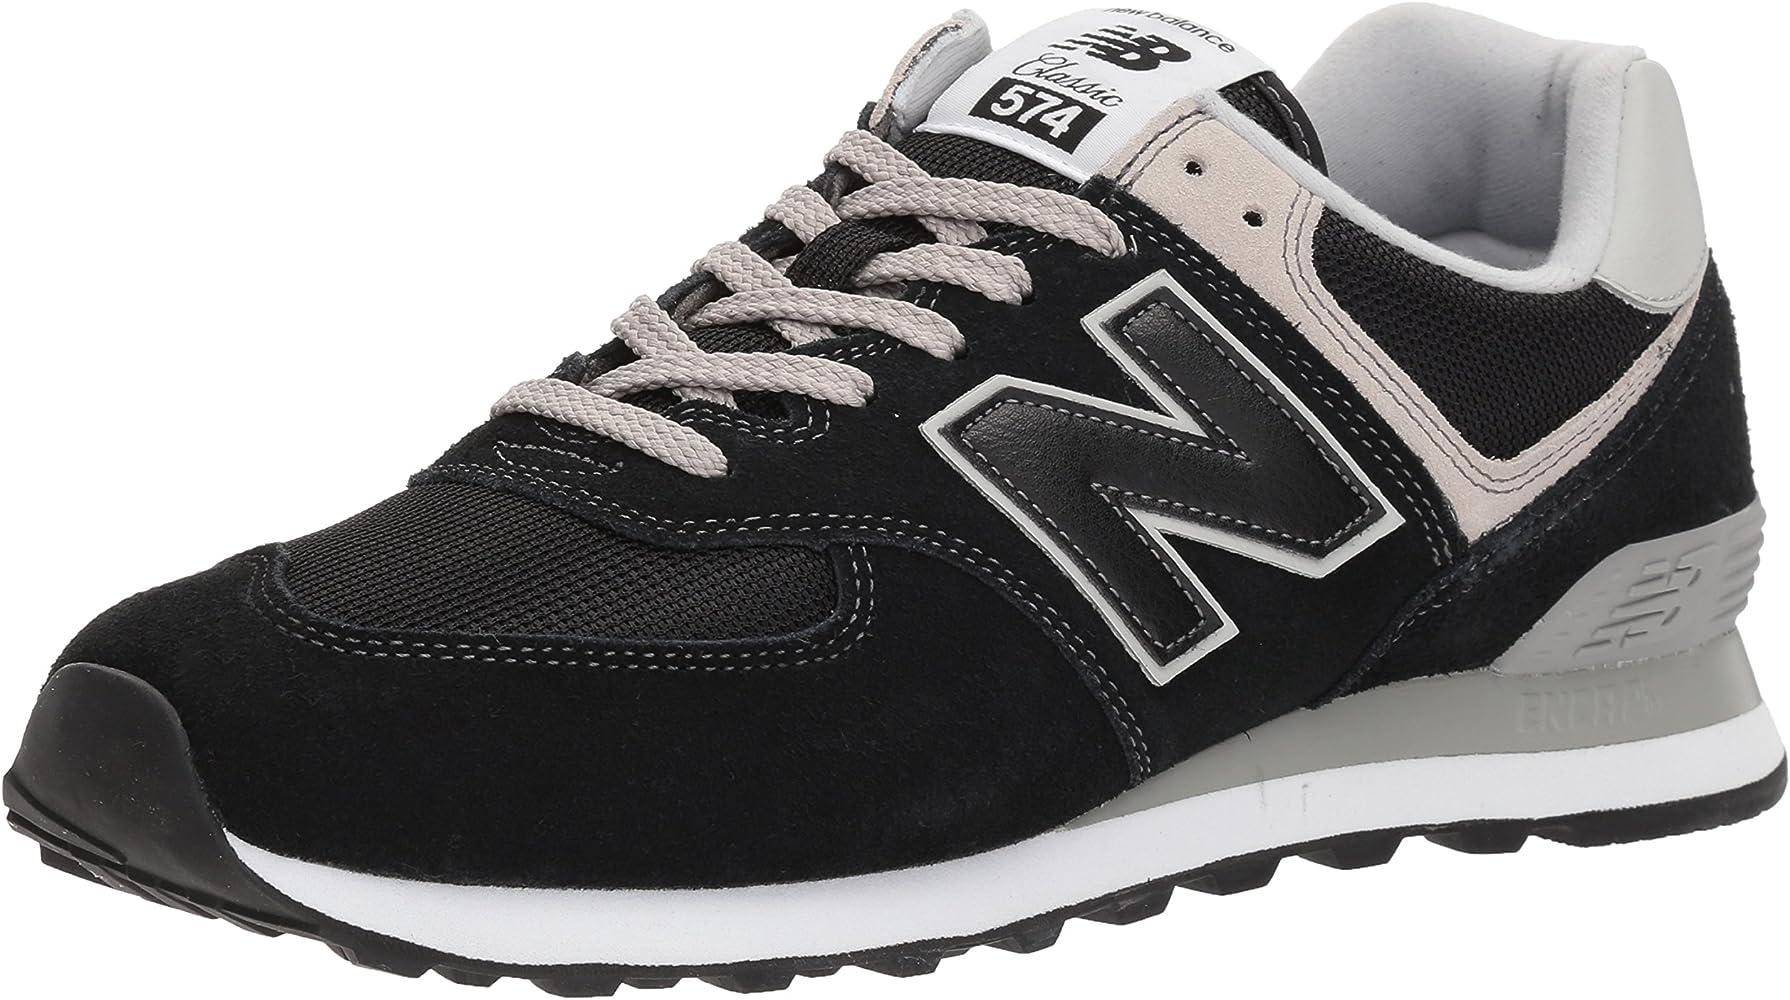 8187c36960 New Balance Herren 574v2 Core Sneaker, Schwarz (Black), 43 EU ...